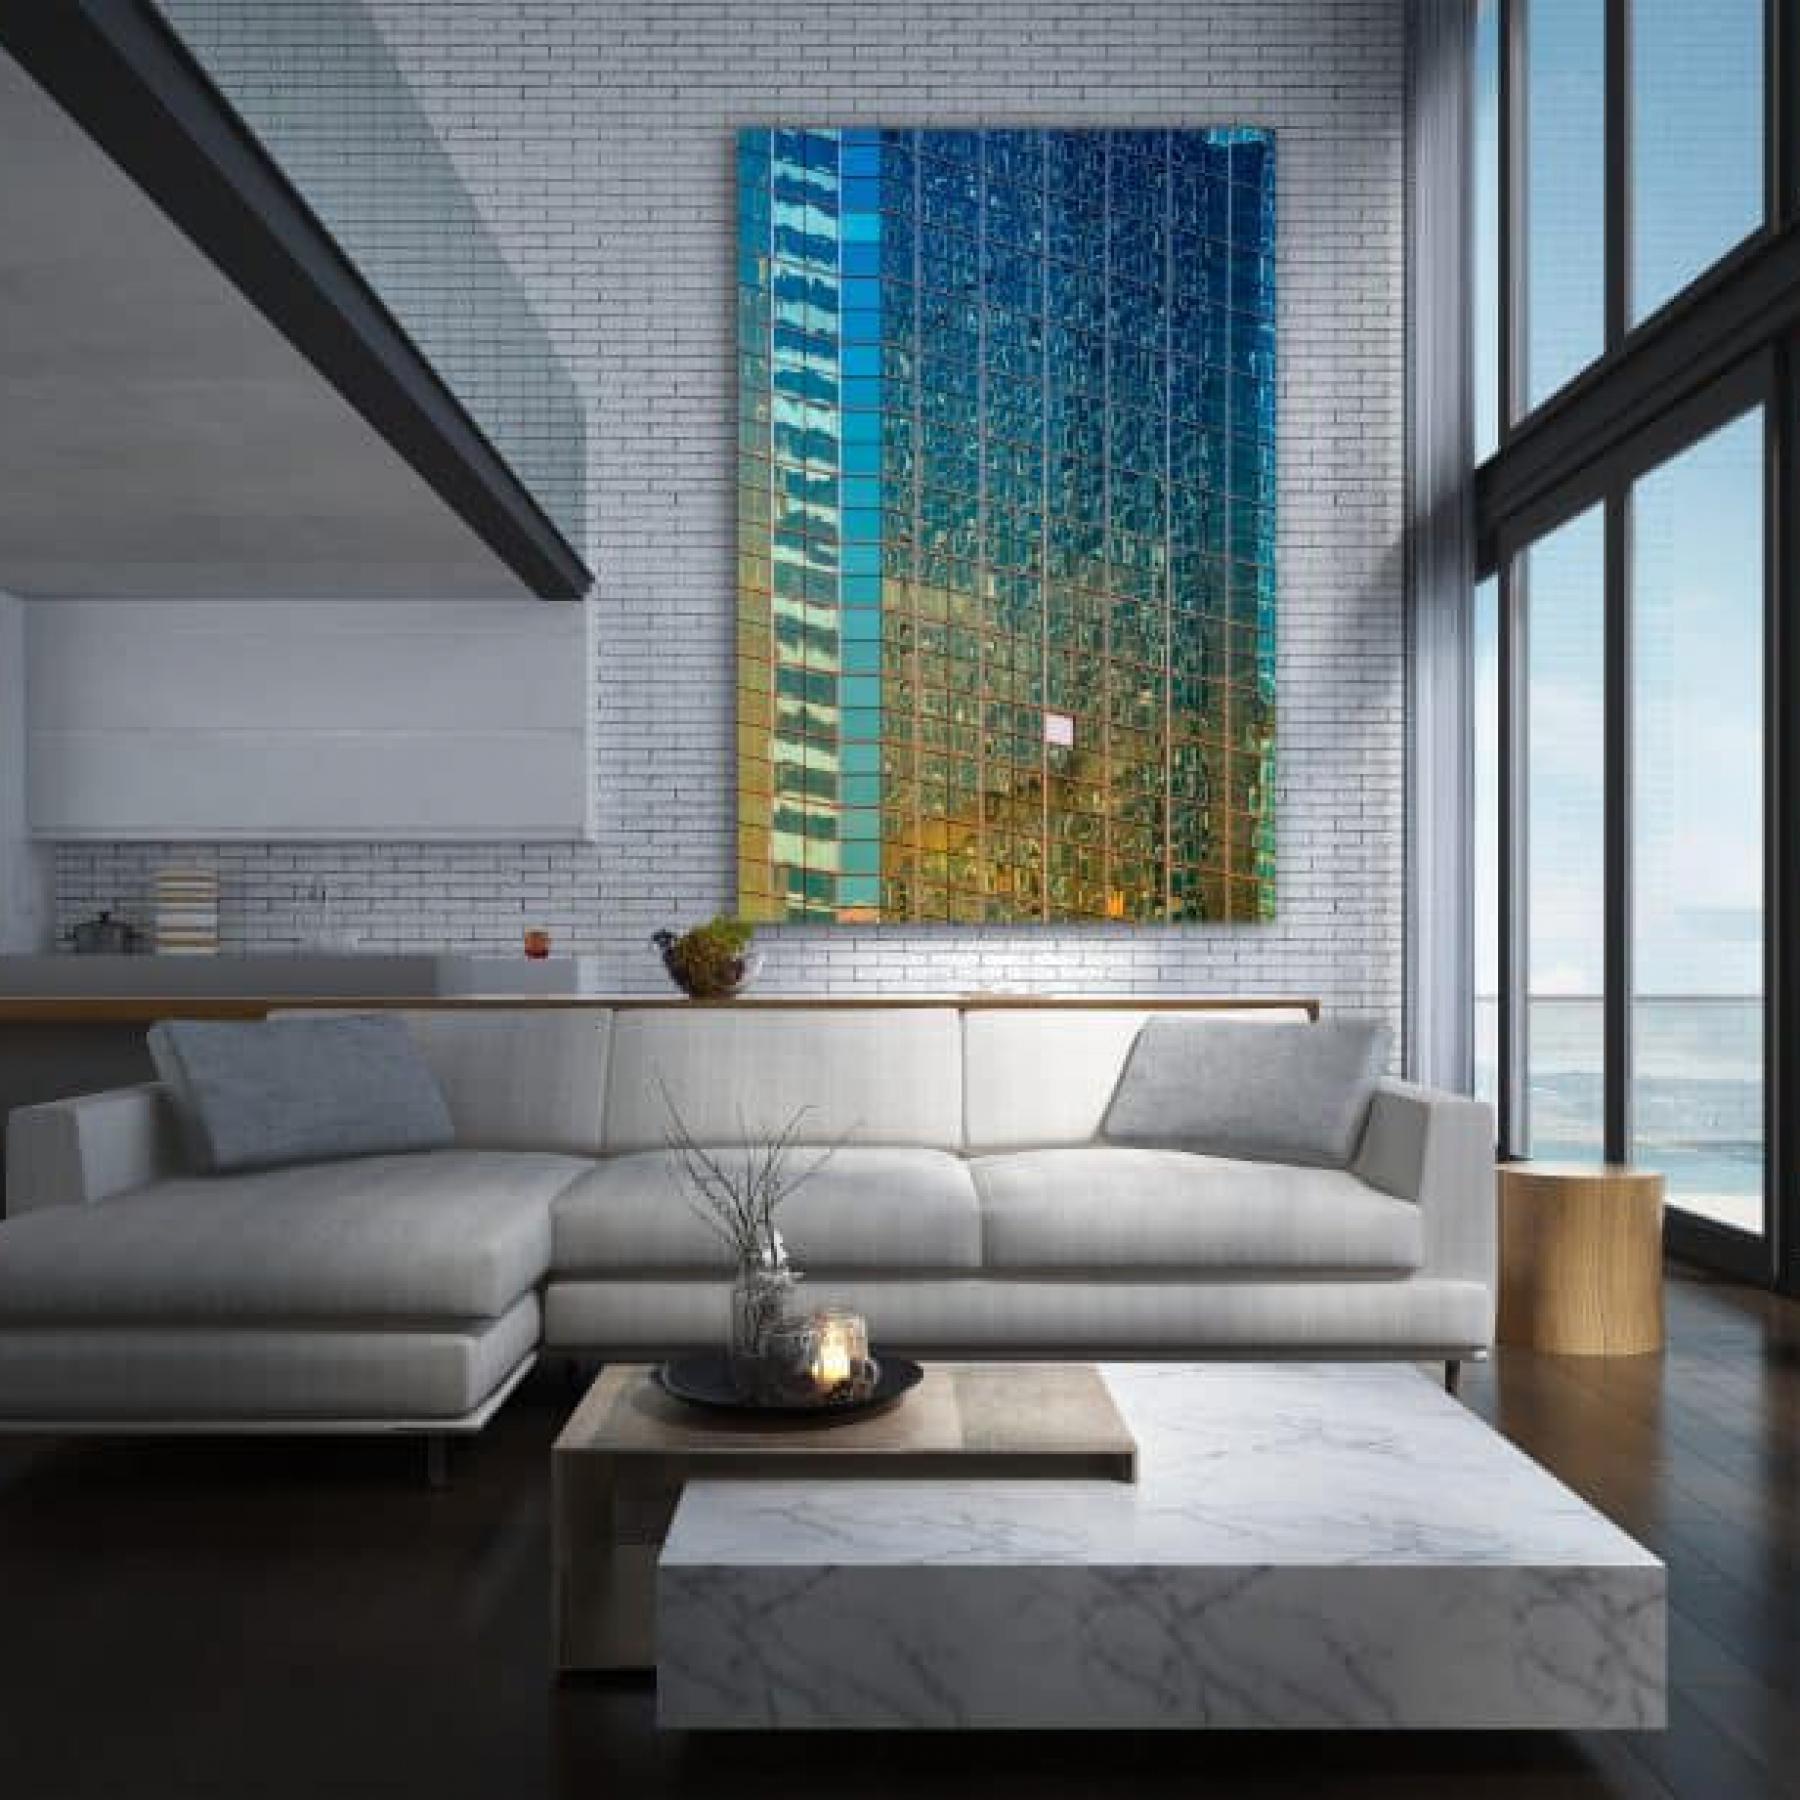 HONG KONG REFLECTIONS 5